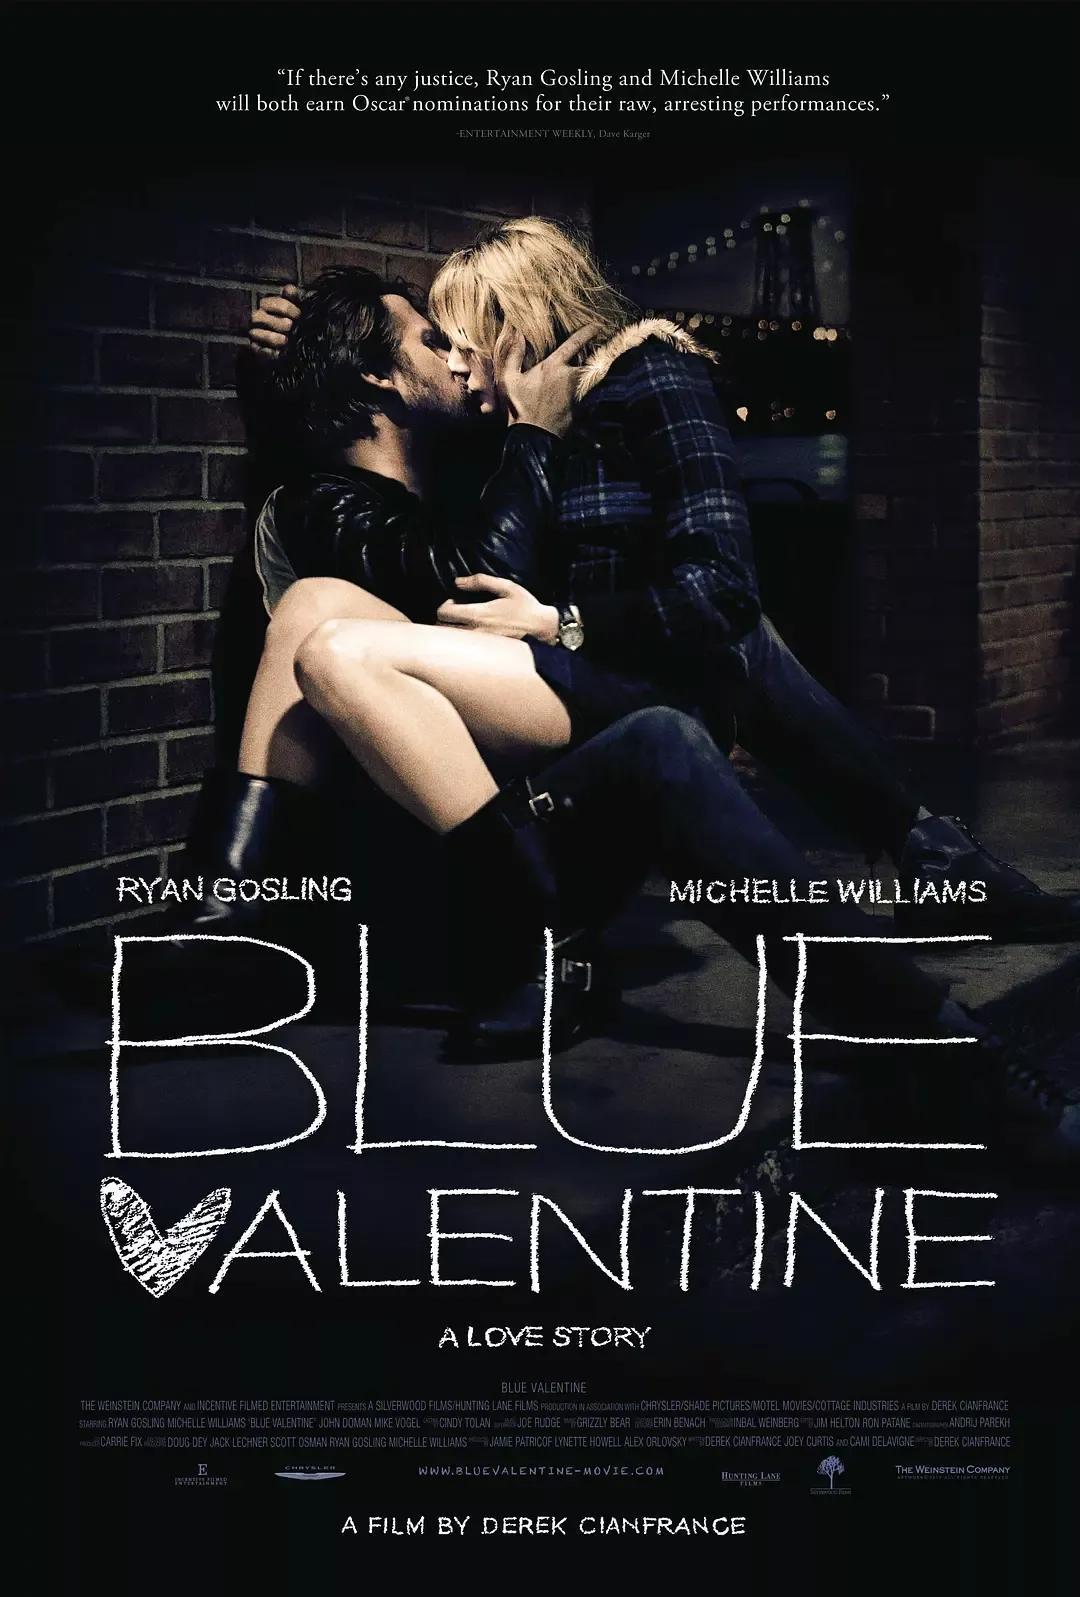 《蓝色情人节》这部R级片,道出了成人爱情羞于启齿的真相!